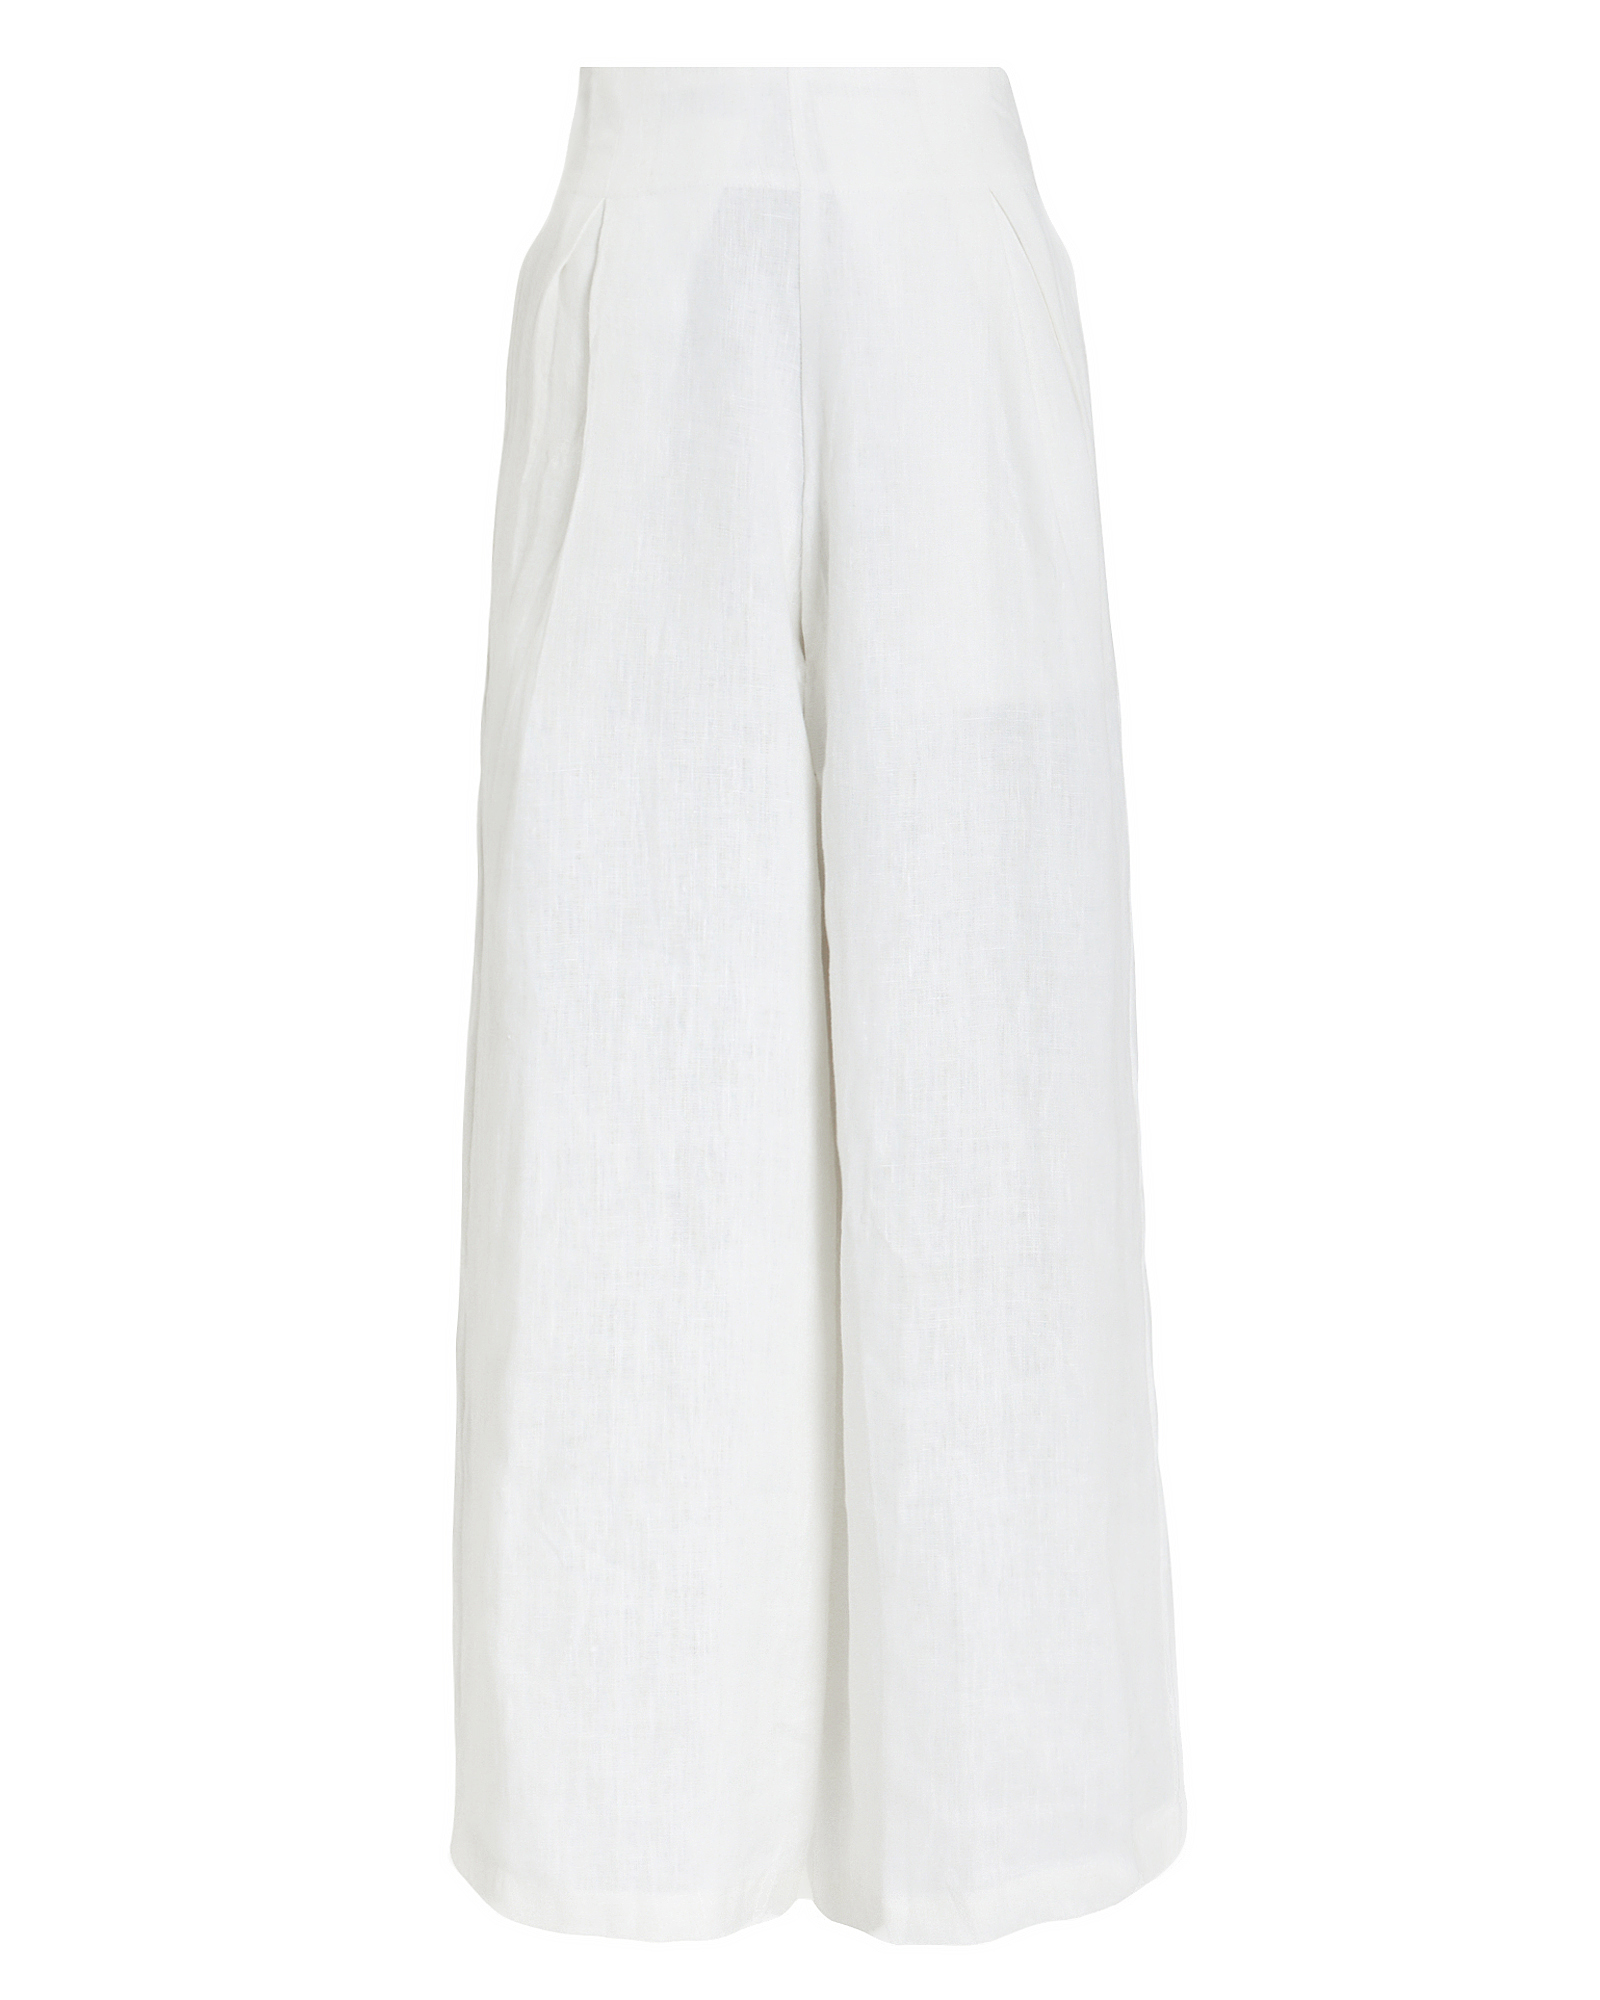 Faithfull The Brand Pants FAITHFULL THE BRAND MERIDIAN LINEN TROUSERS  WHITE P